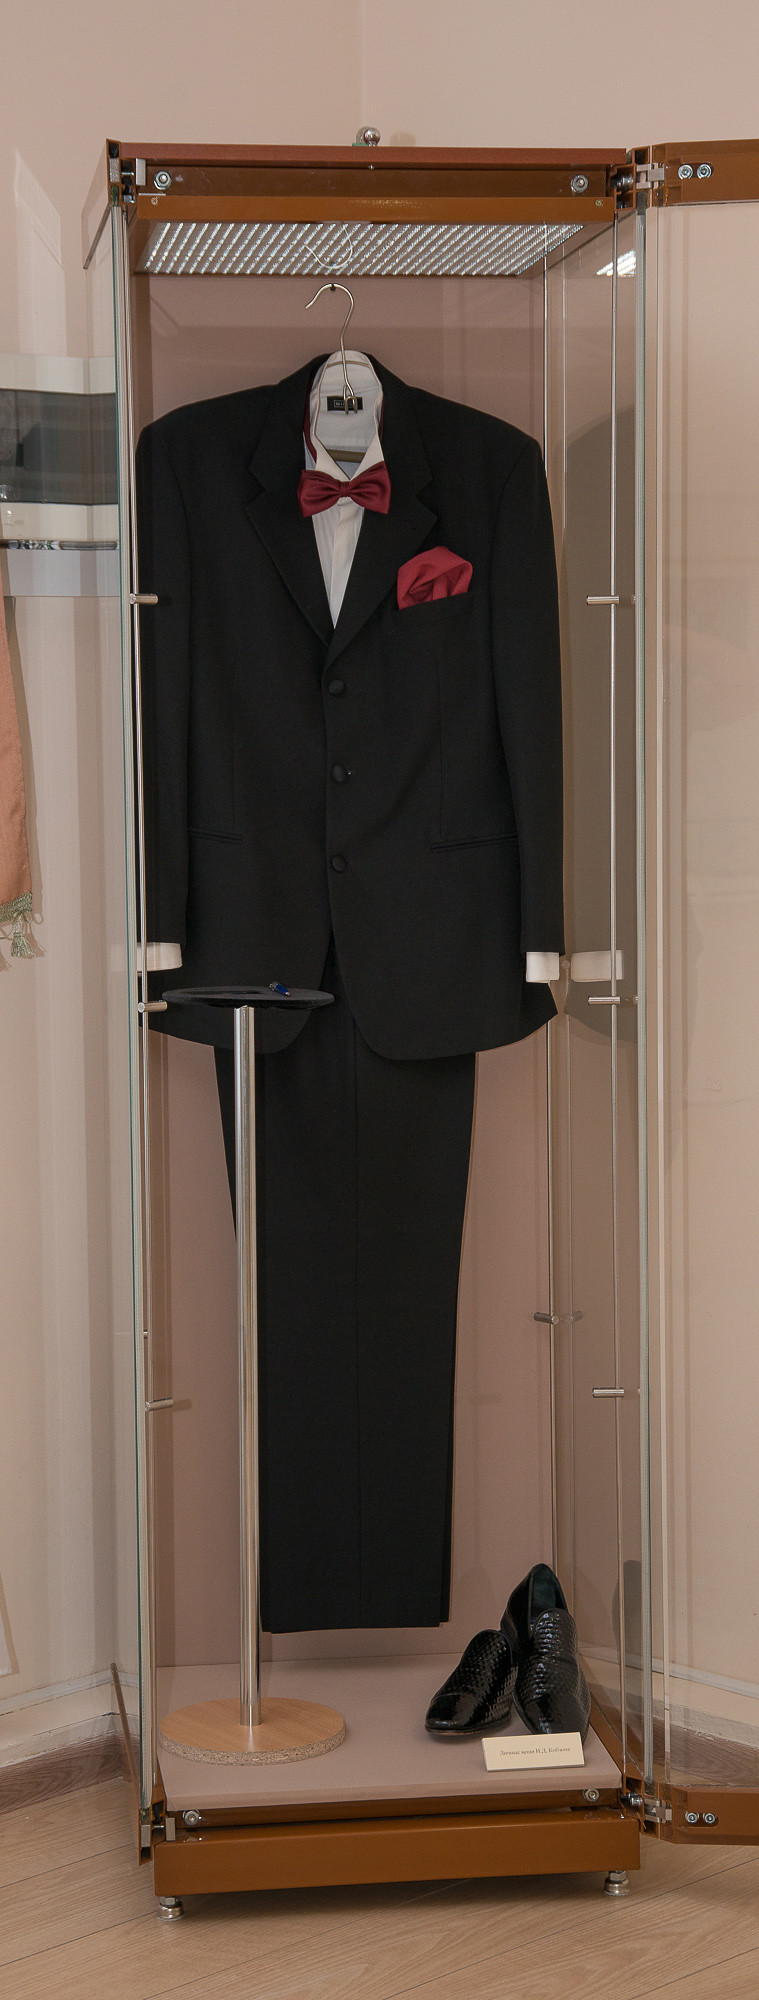 Концертный костюм. Личные вещи И.Д. Кобзона